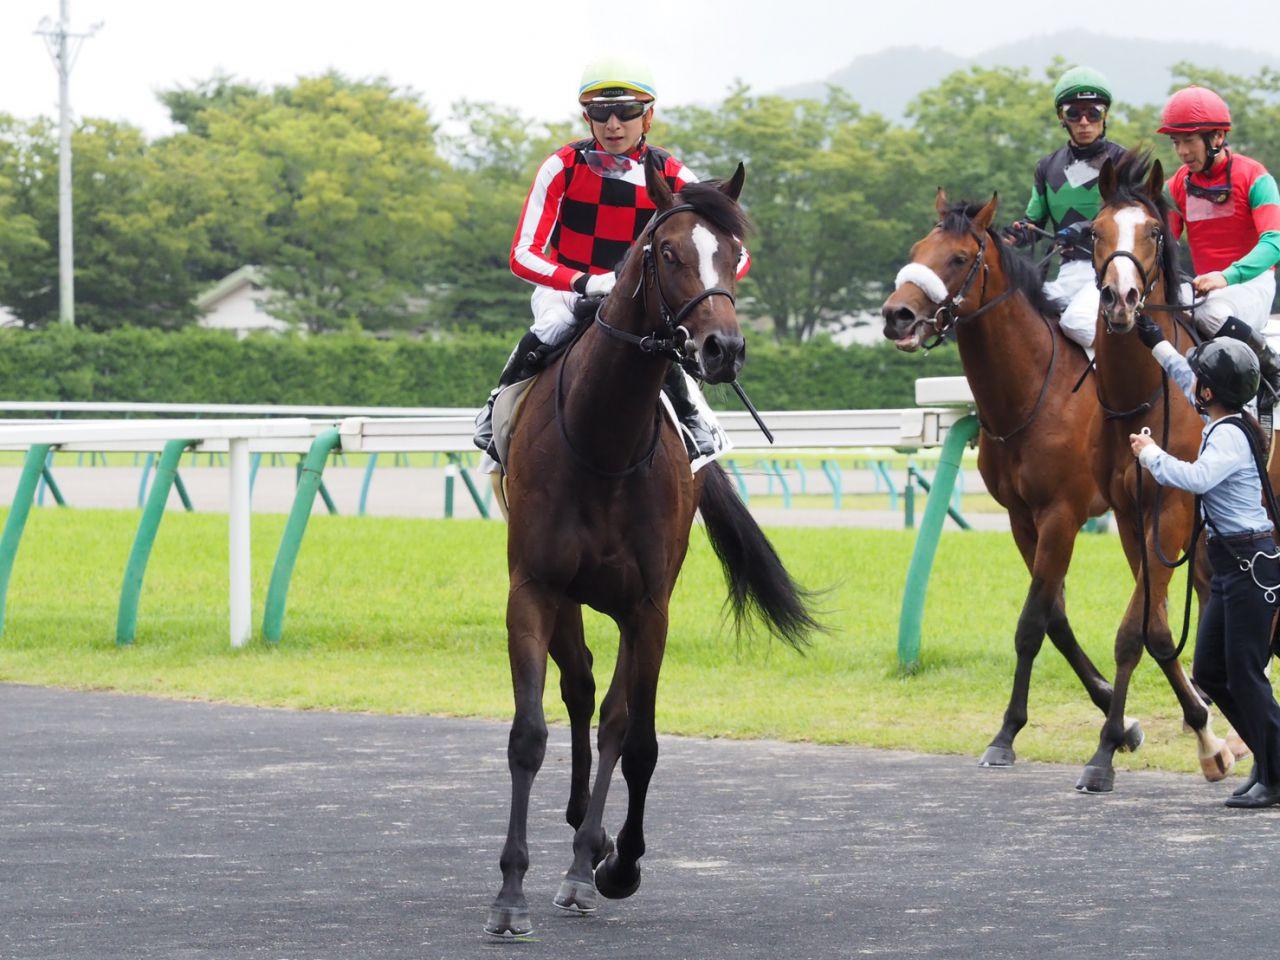 【新馬/中京5R】武豊「将来性を感じた」マイラプソディが強い競馬を見せる